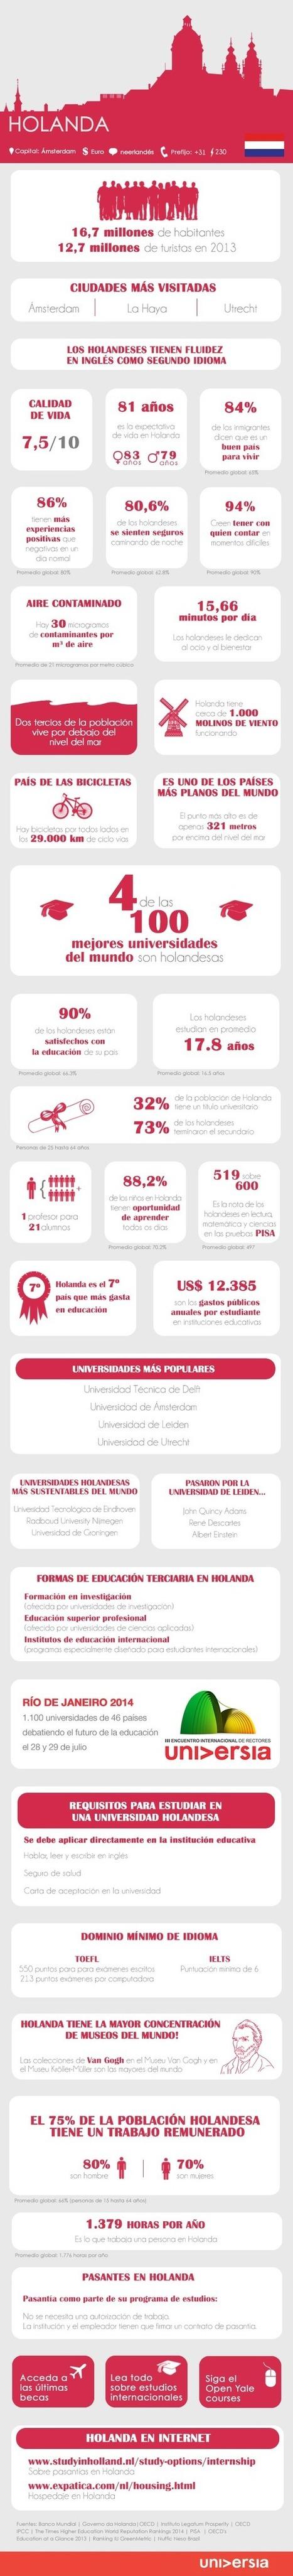 30 claves para estudiar y trabajar en Holanda #infografia #infographic #empleo | gesvin | Scoop.it